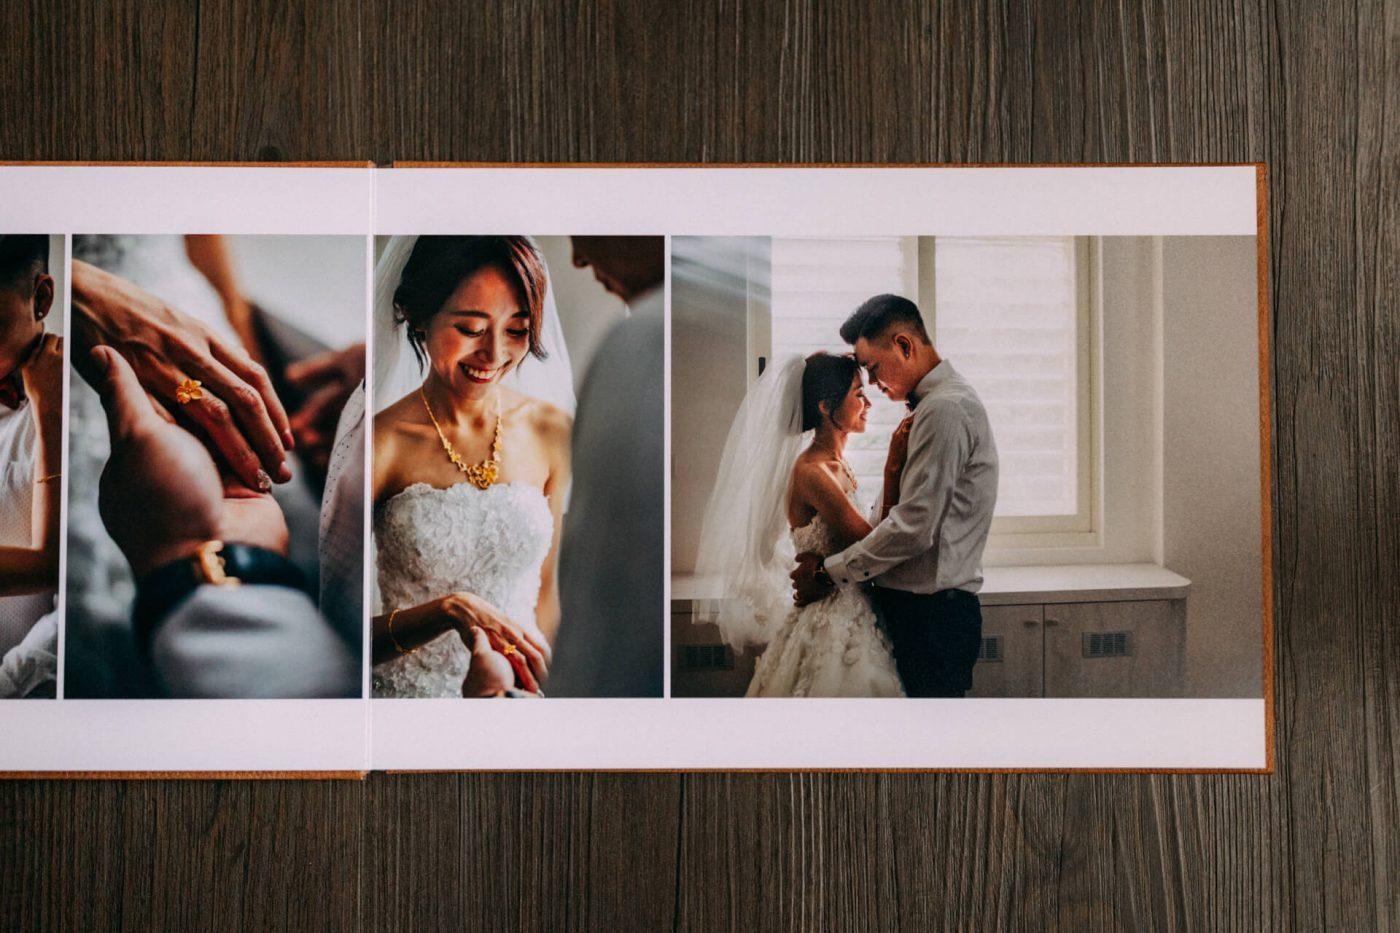 婚攝 婚禮紀錄 成品 皮革相本 故事排版